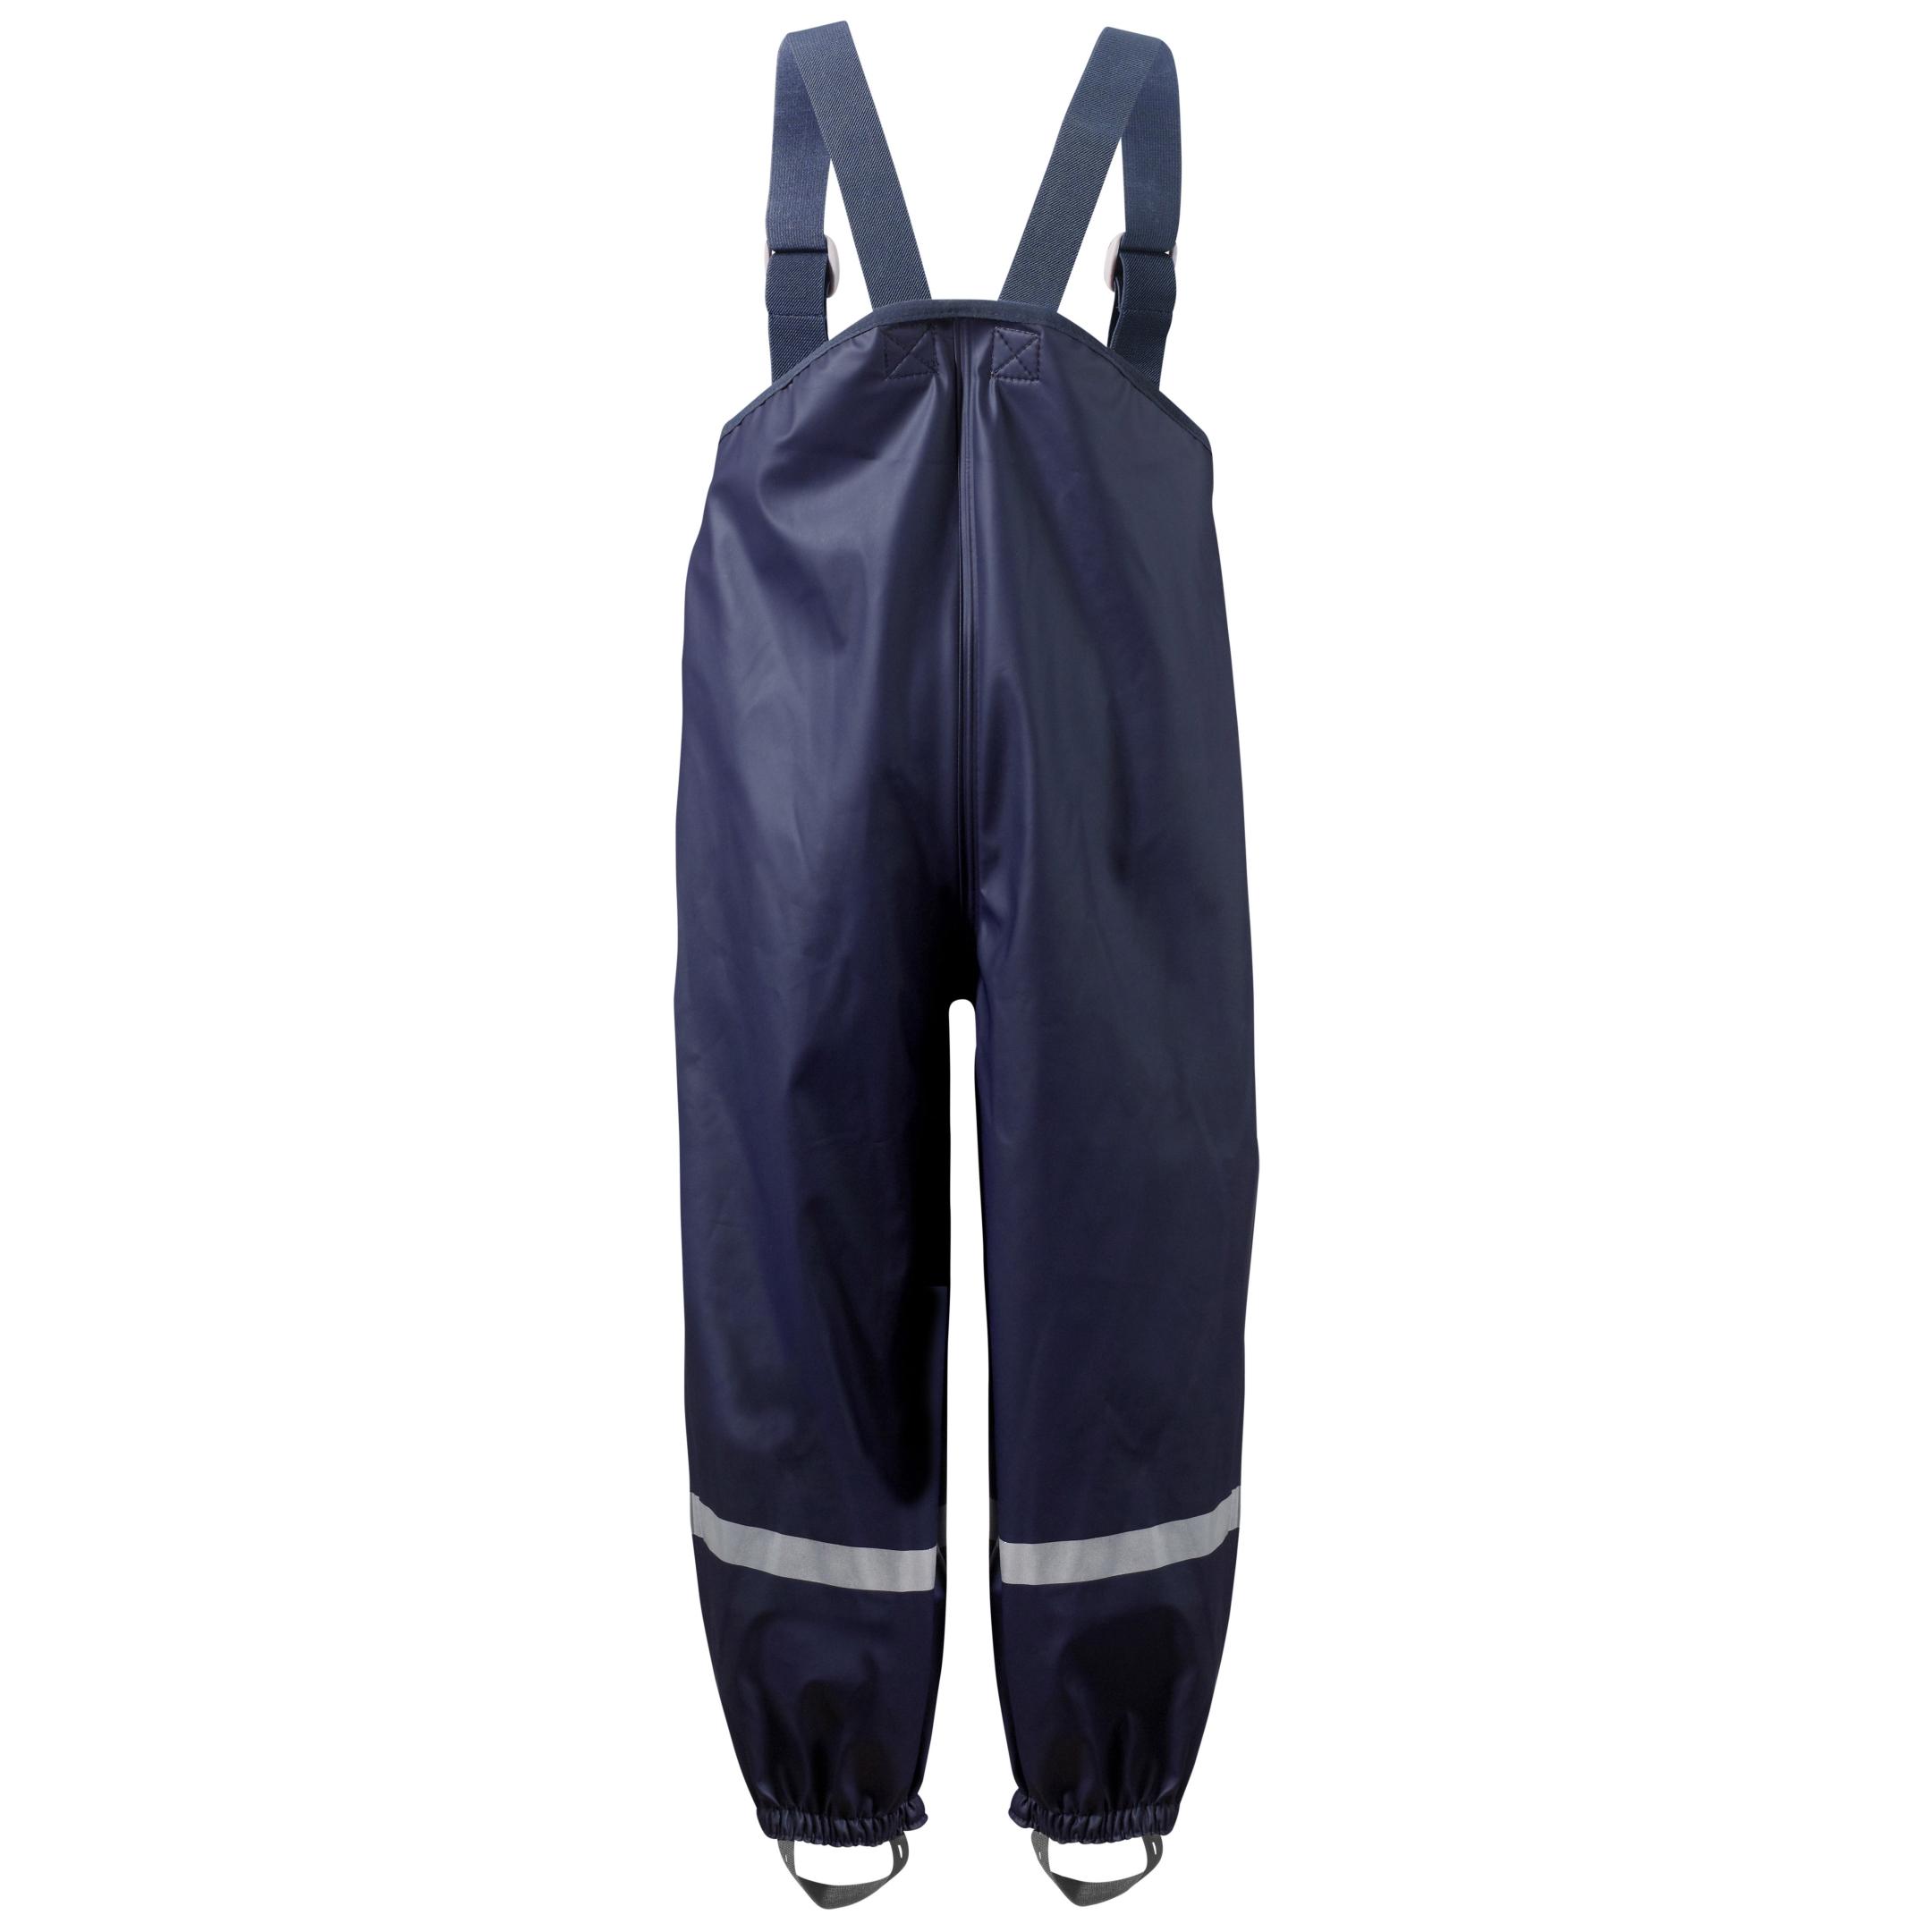 Дидриксон детский костюм дождевой SLASKEMAN + средство для стирки, - фото 7